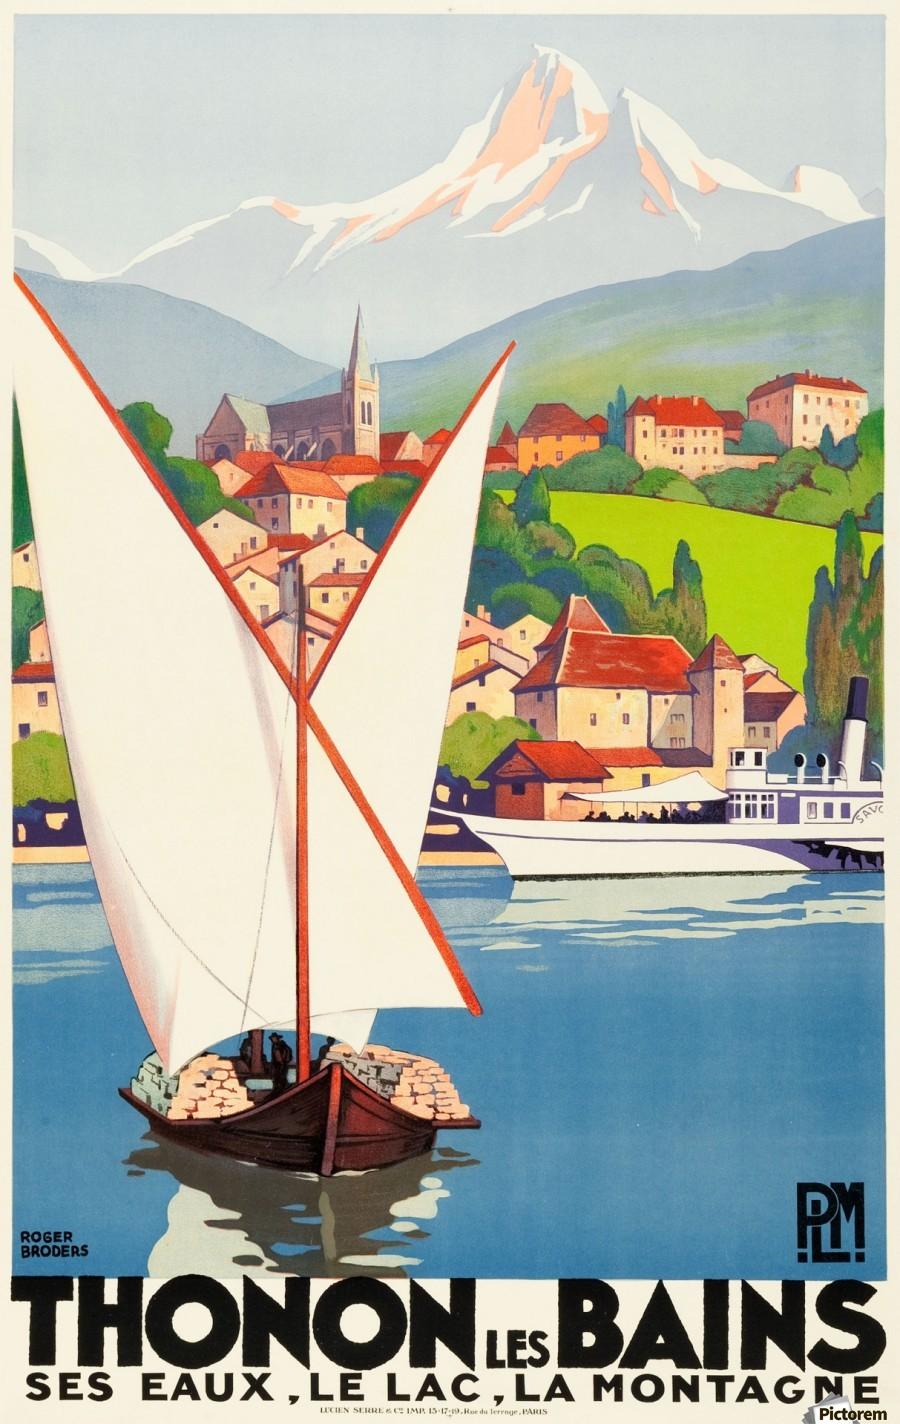 thonon les bains travel poster vintage poster canvas